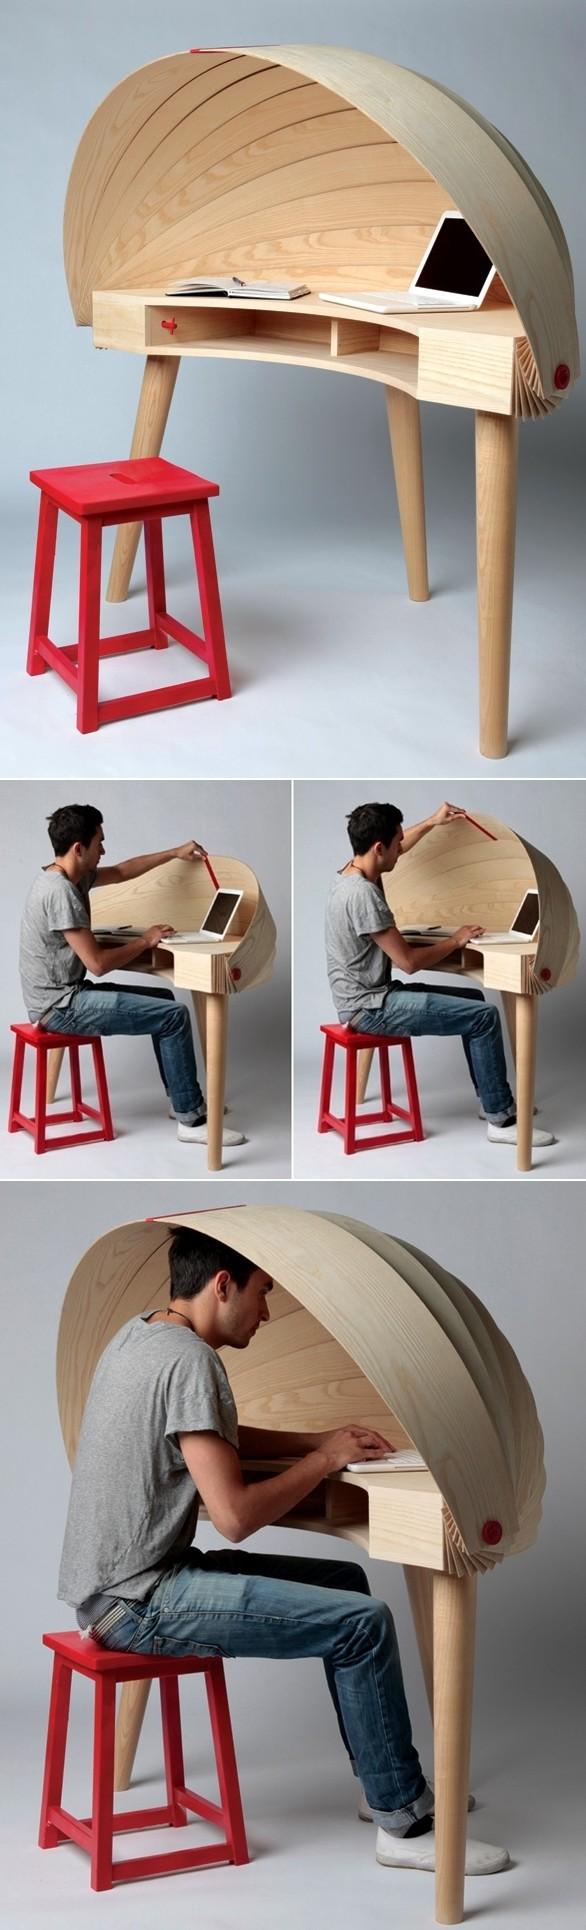 özel-bölmeli-gizli-calışma-masası.jpg